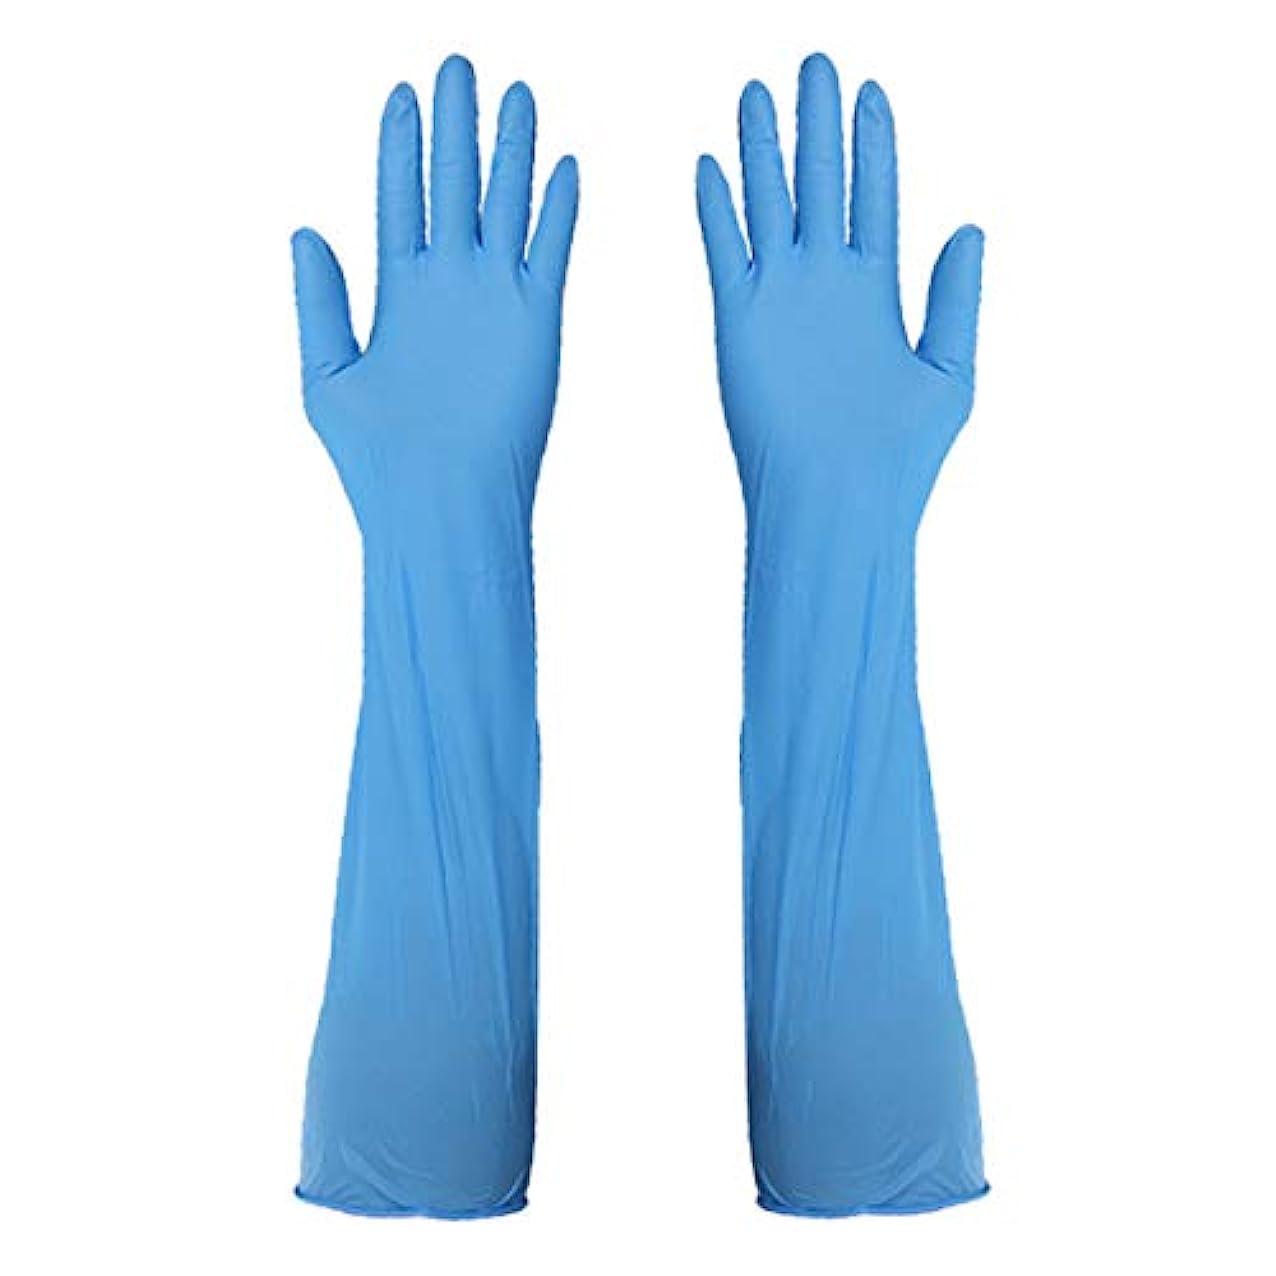 多様性ステージ肘ニトリルグローブ 使い捨て手袋 手袋を長くする グローブ パウダーフリー 作業 介護 調理 炊事 園芸 掃除用 10組,M